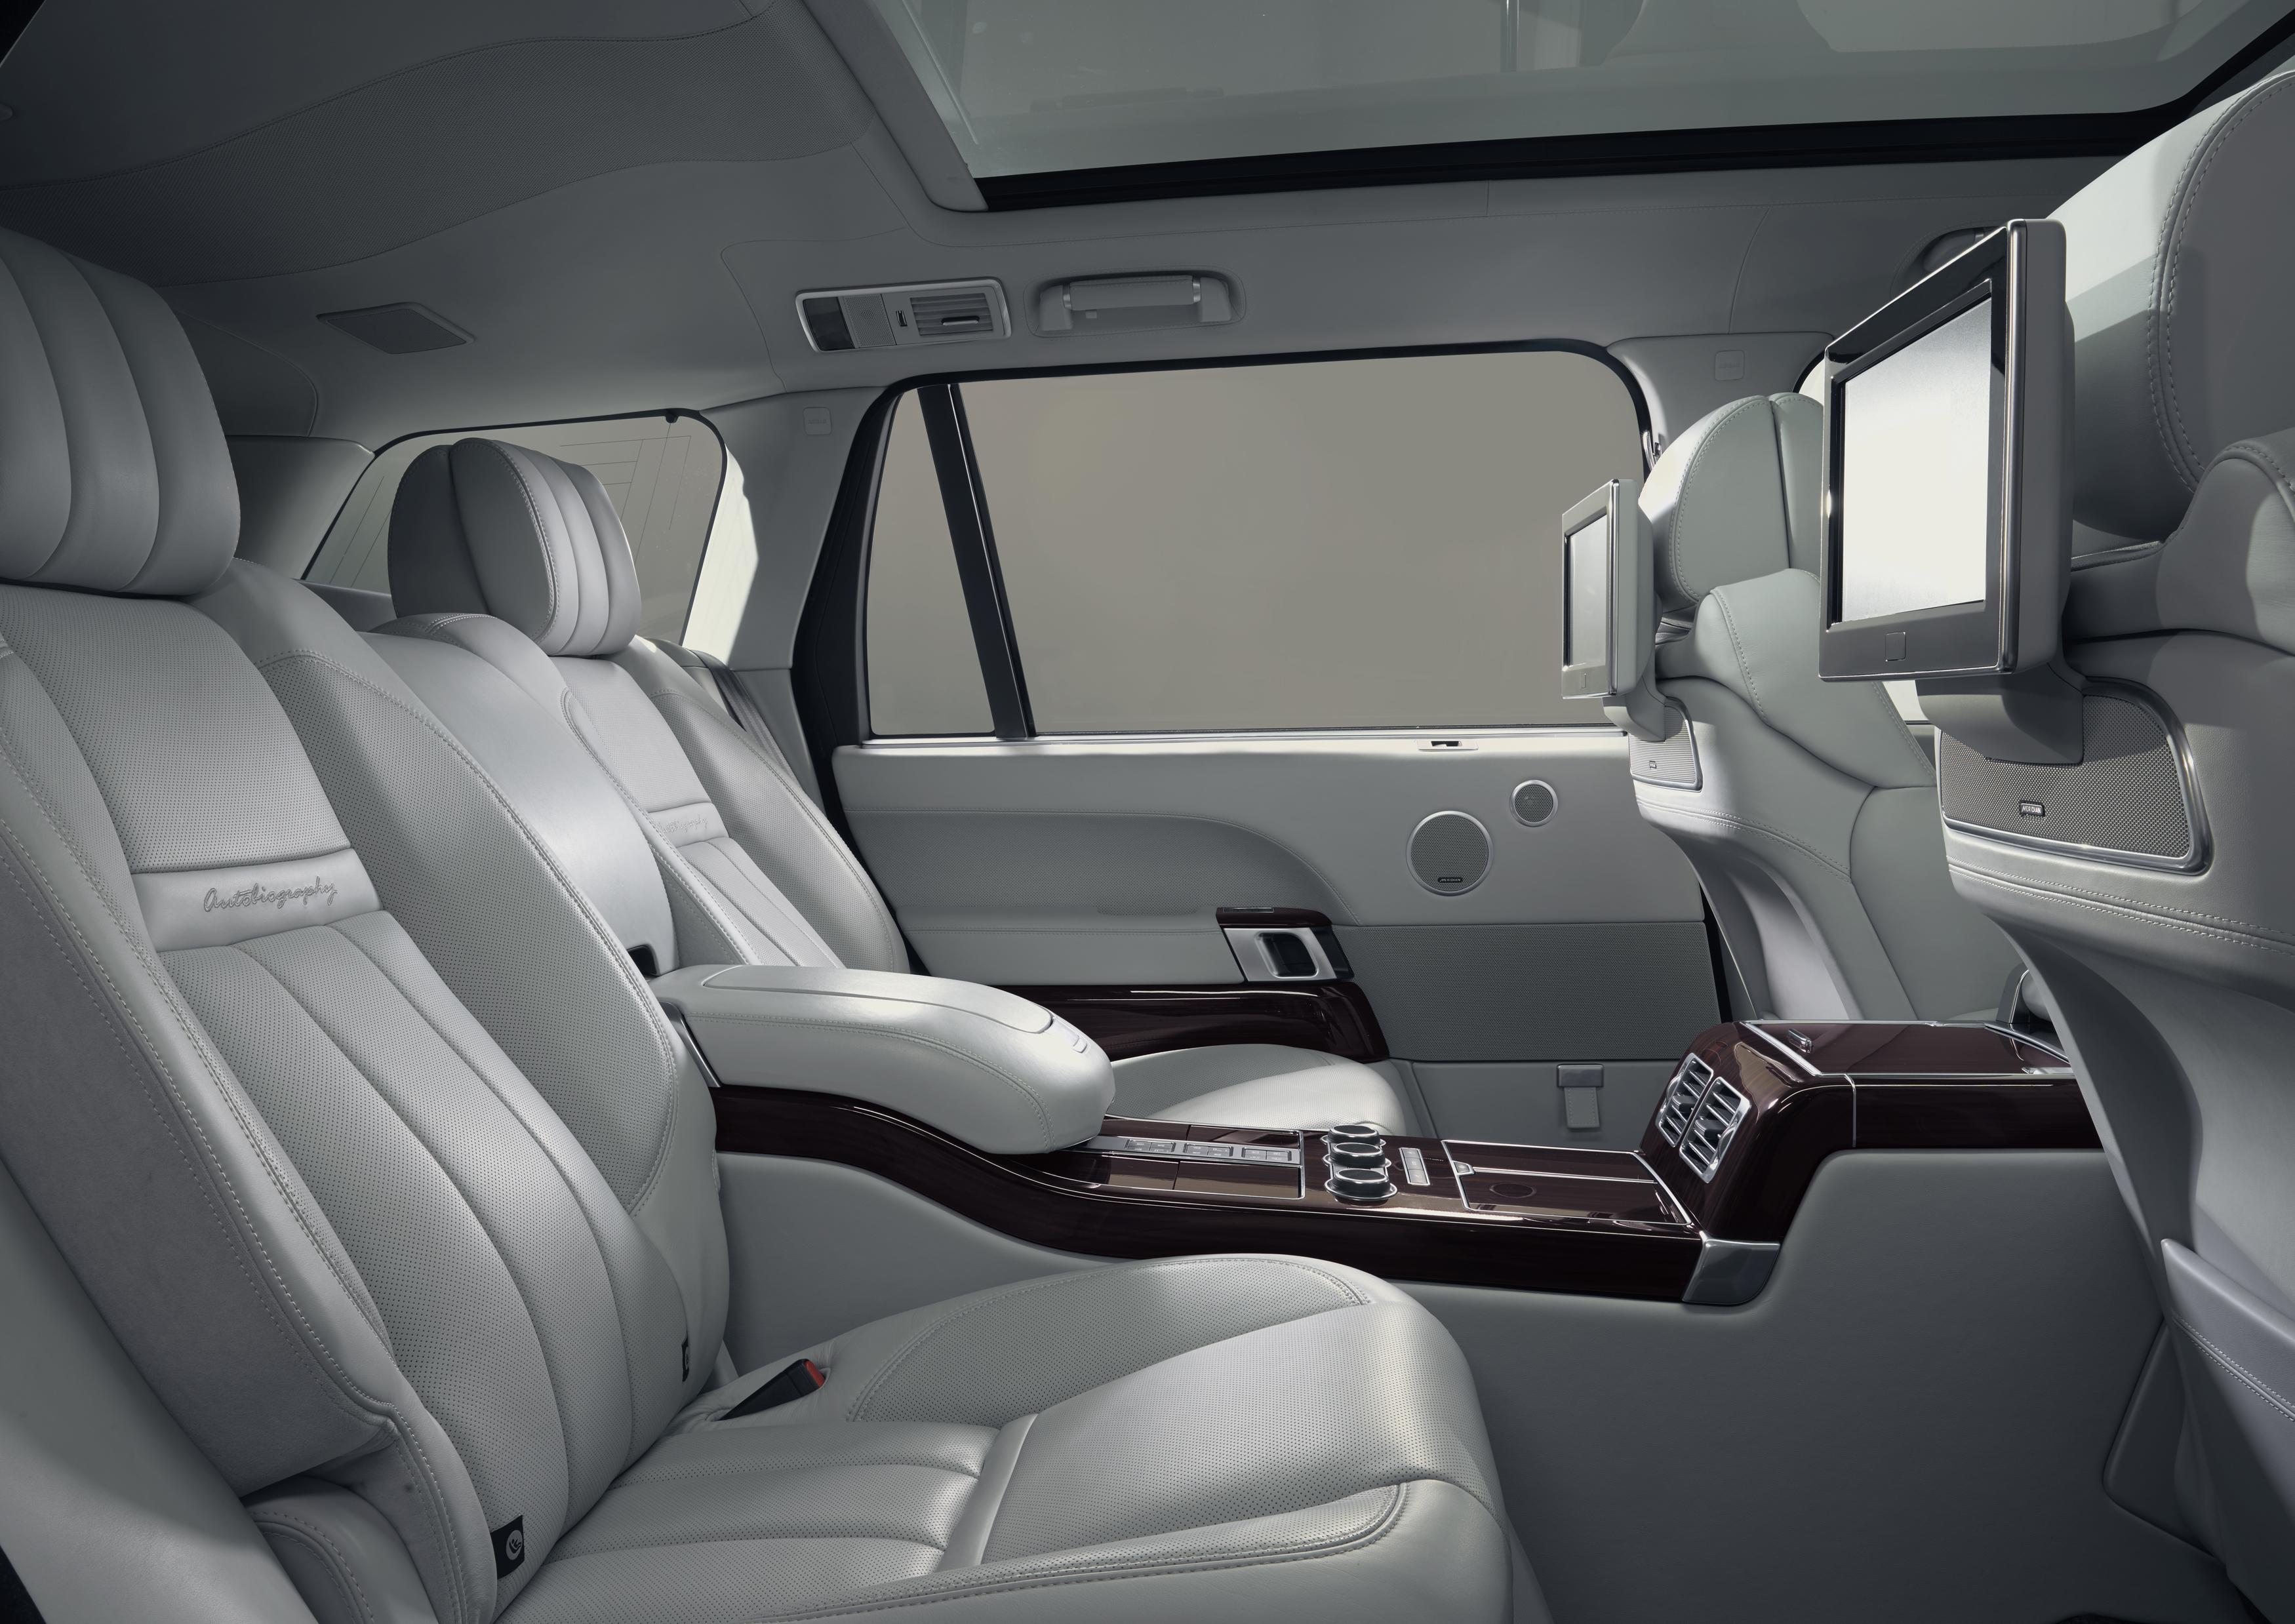 Практически каждый десятый руководитель рассказал, что более 25% своей рабочей недели проводит в автомобиле.  Фото: Land Rover